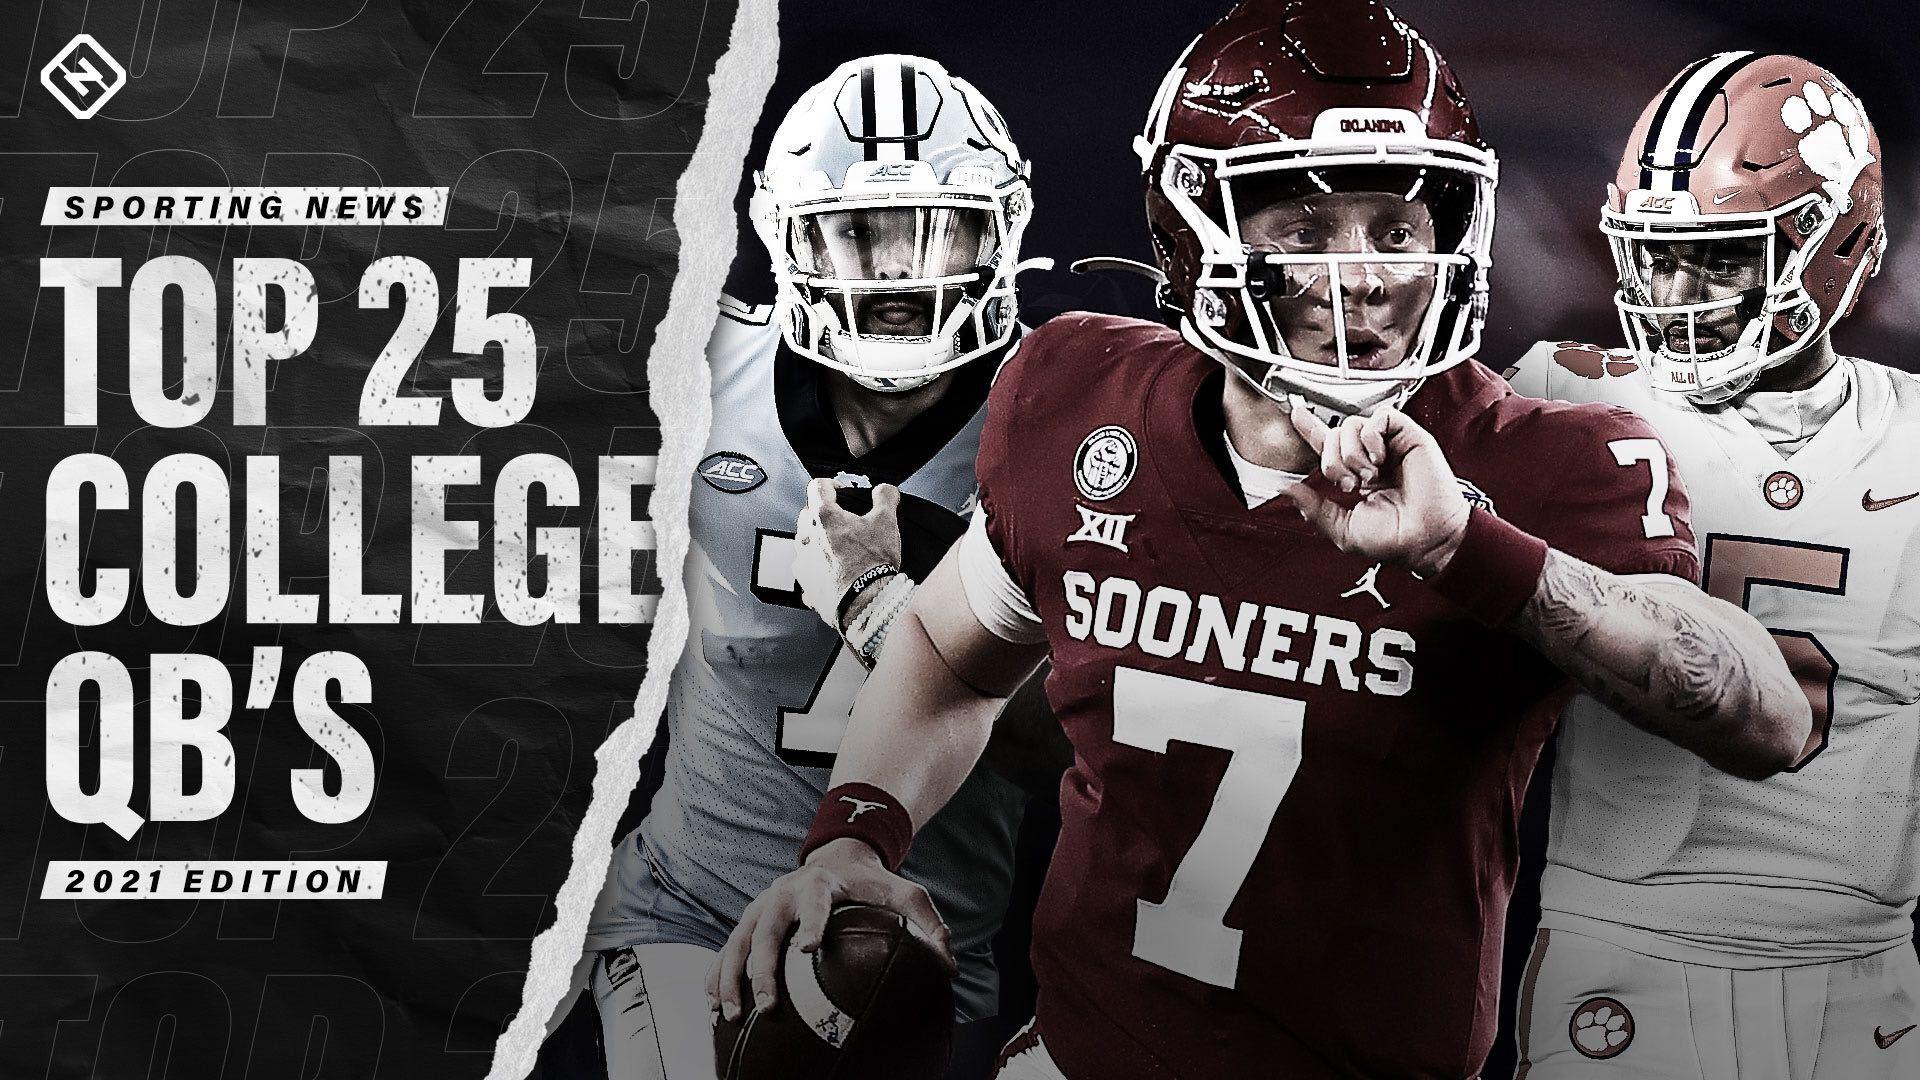 College football's top 25 quarterbacks for 2021